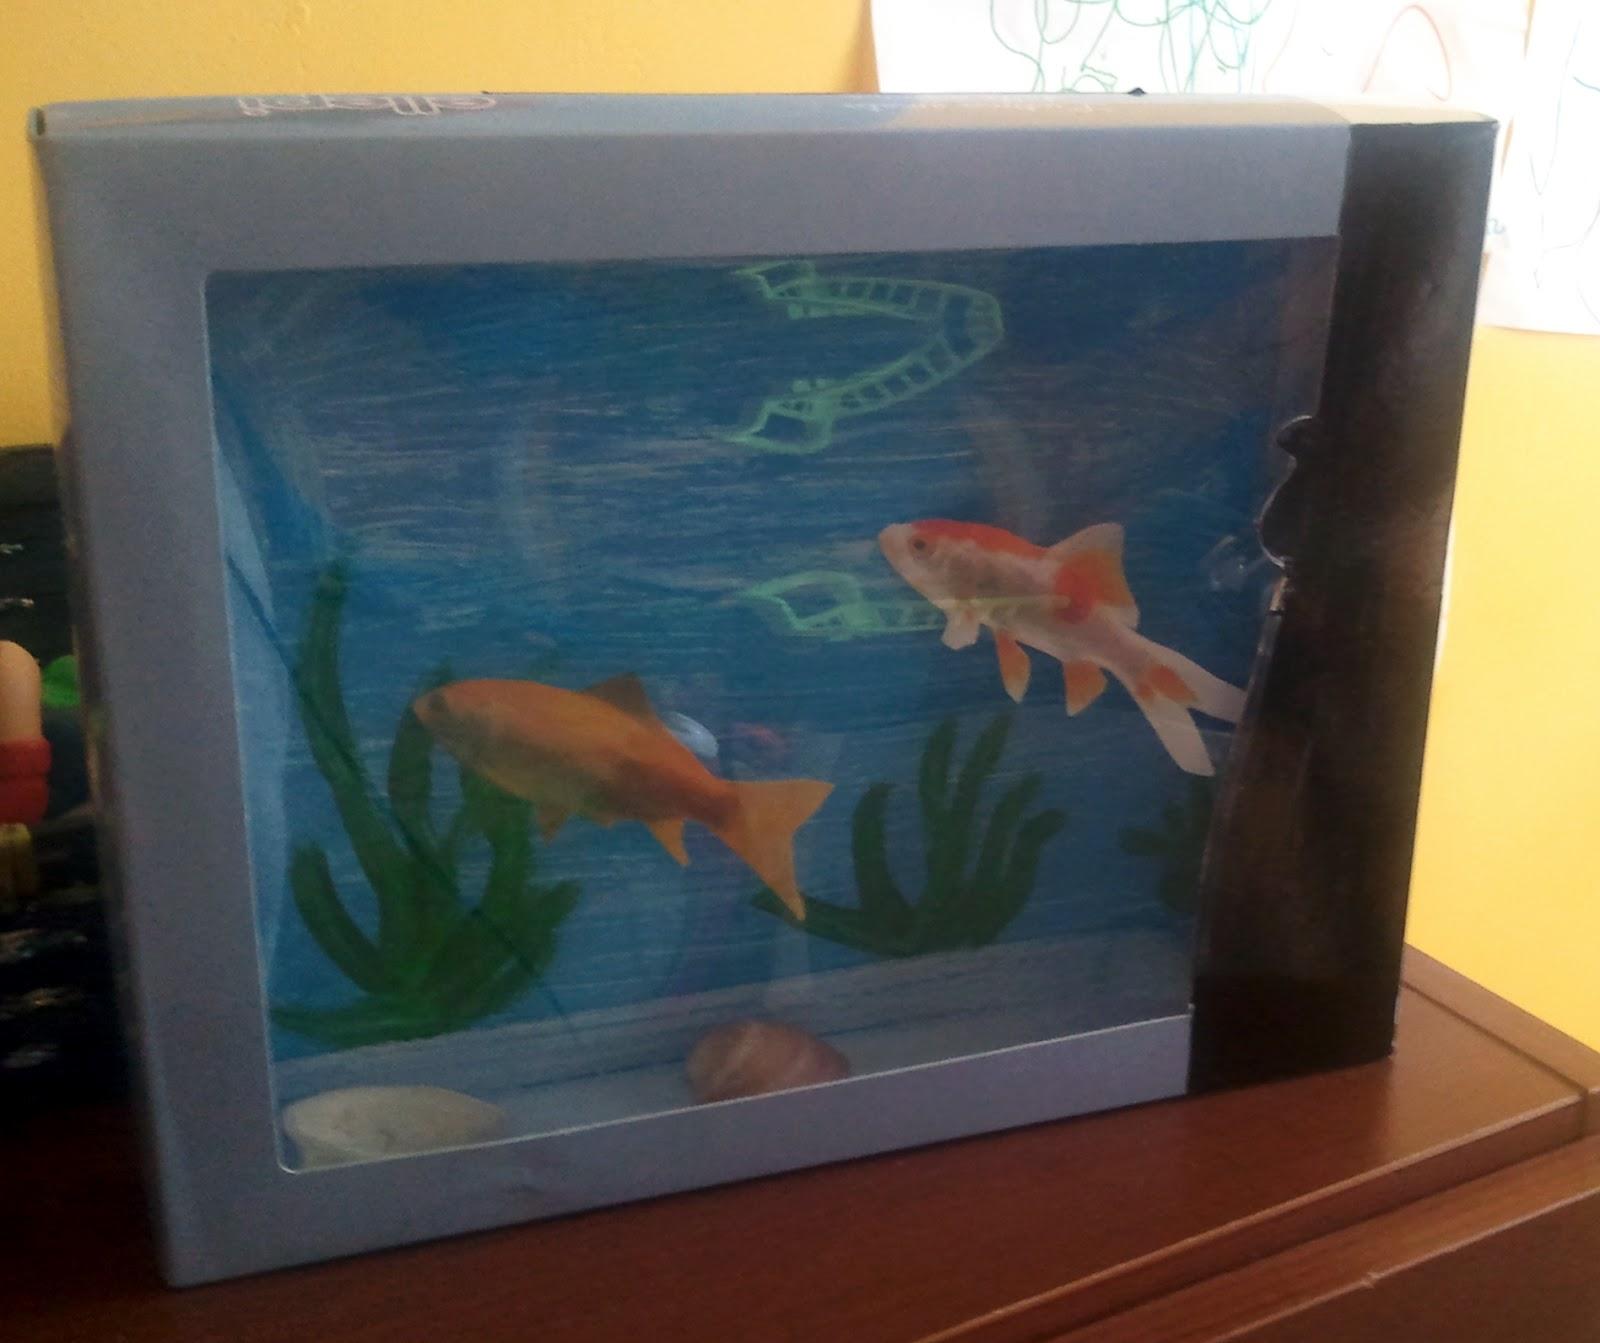 La girandolina finto acquario for Acquario arredamento